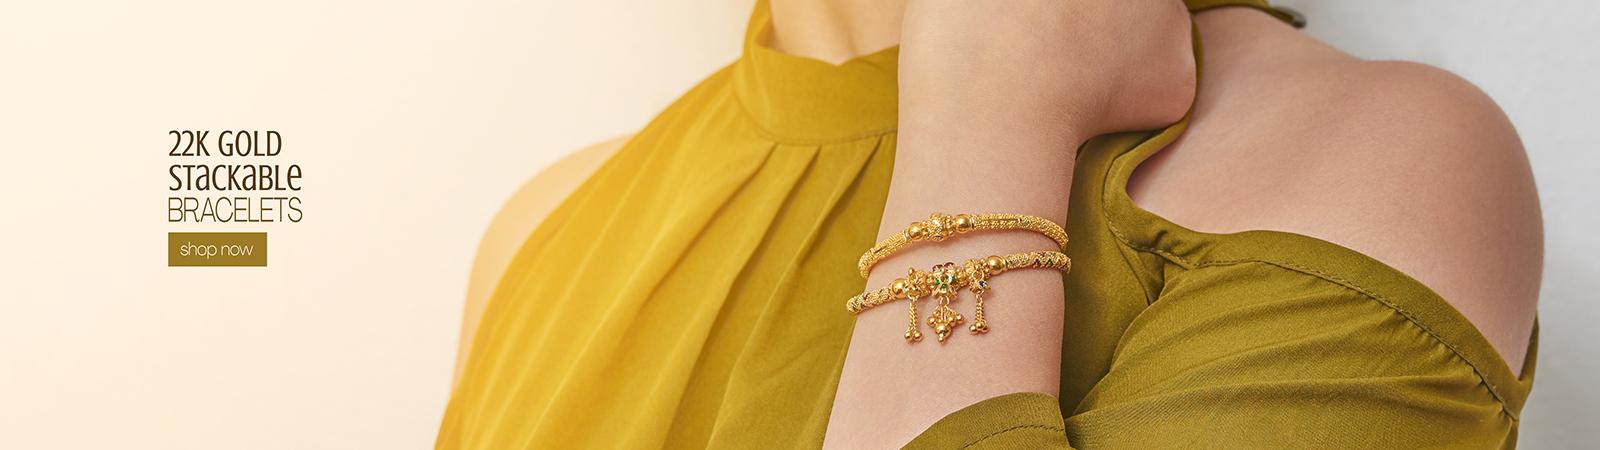 22k gold stackable trending bracelet designs for her